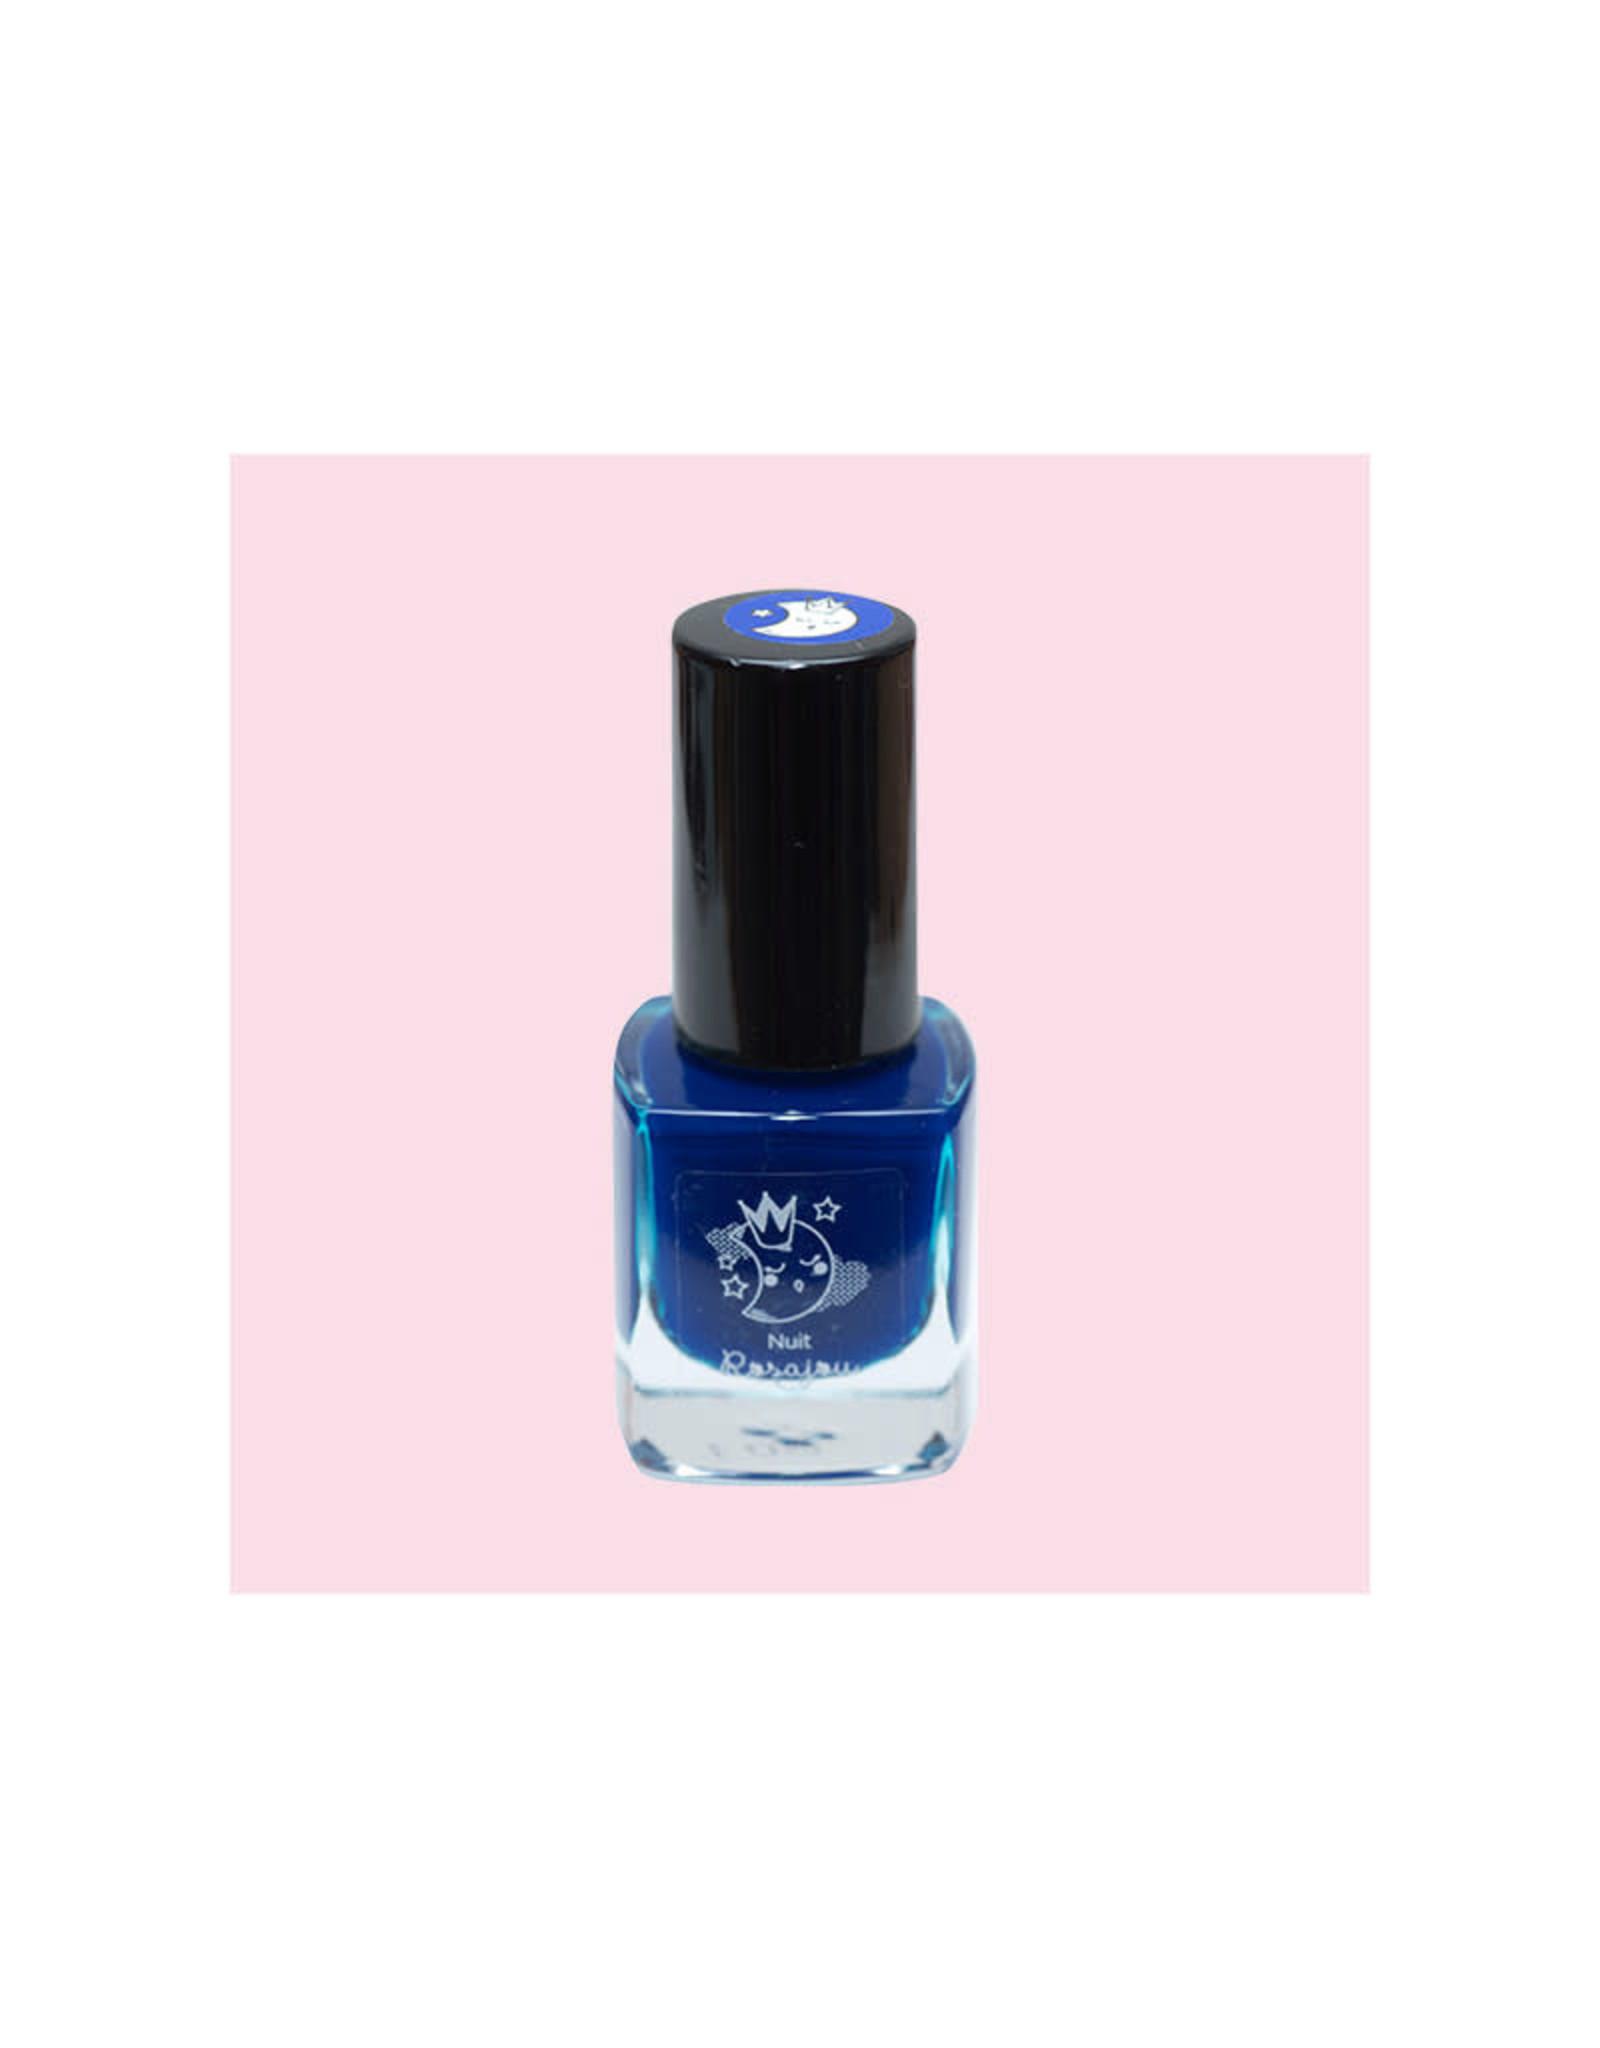 Rosajou nail polish 'Nuit'